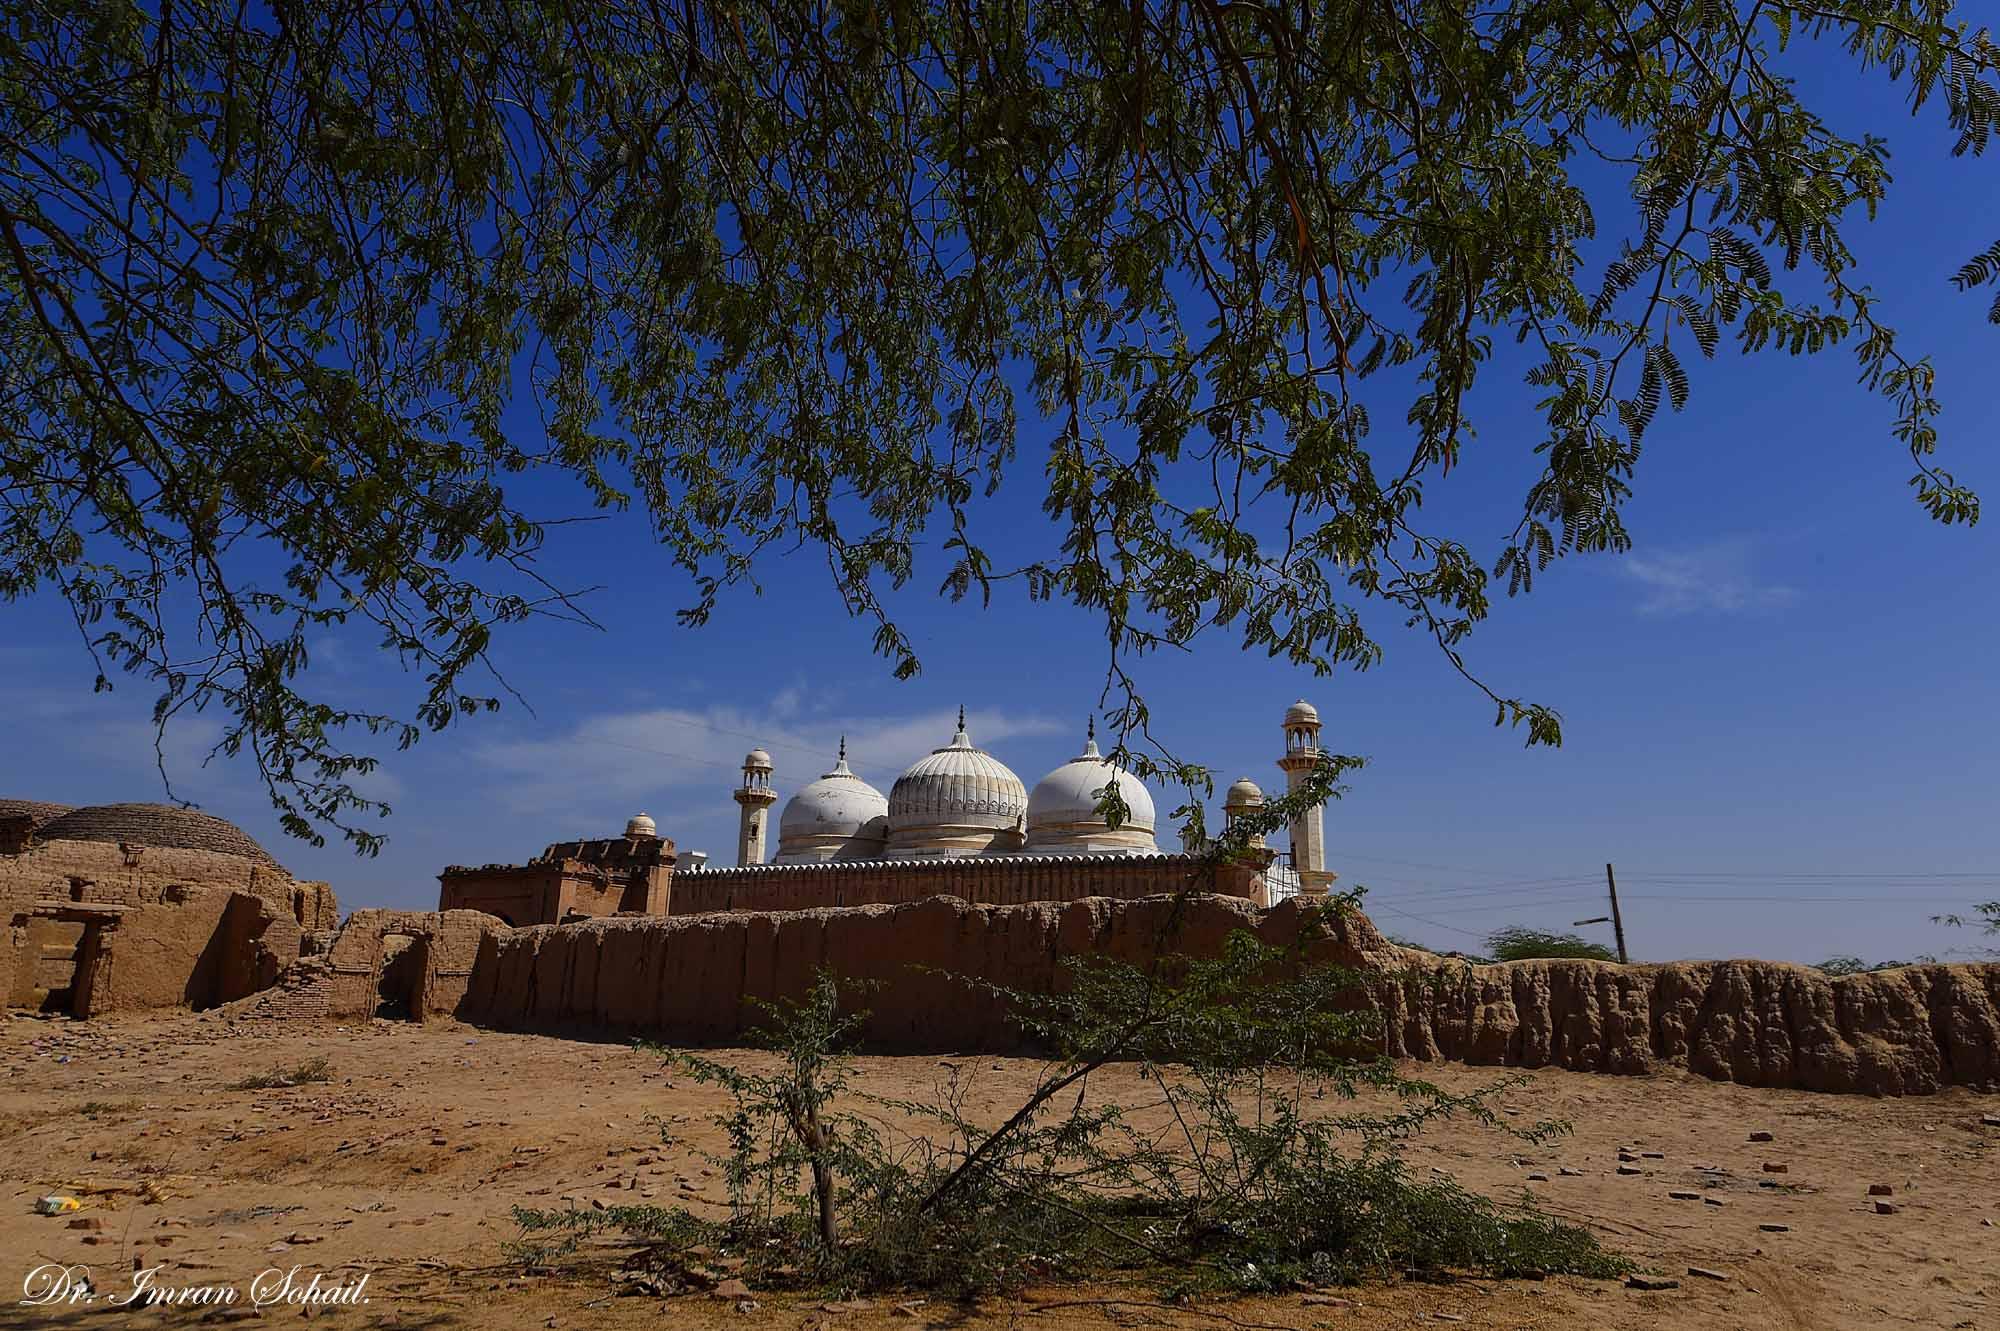 Wallpaper Landscape Rock Sky Field Village Desert